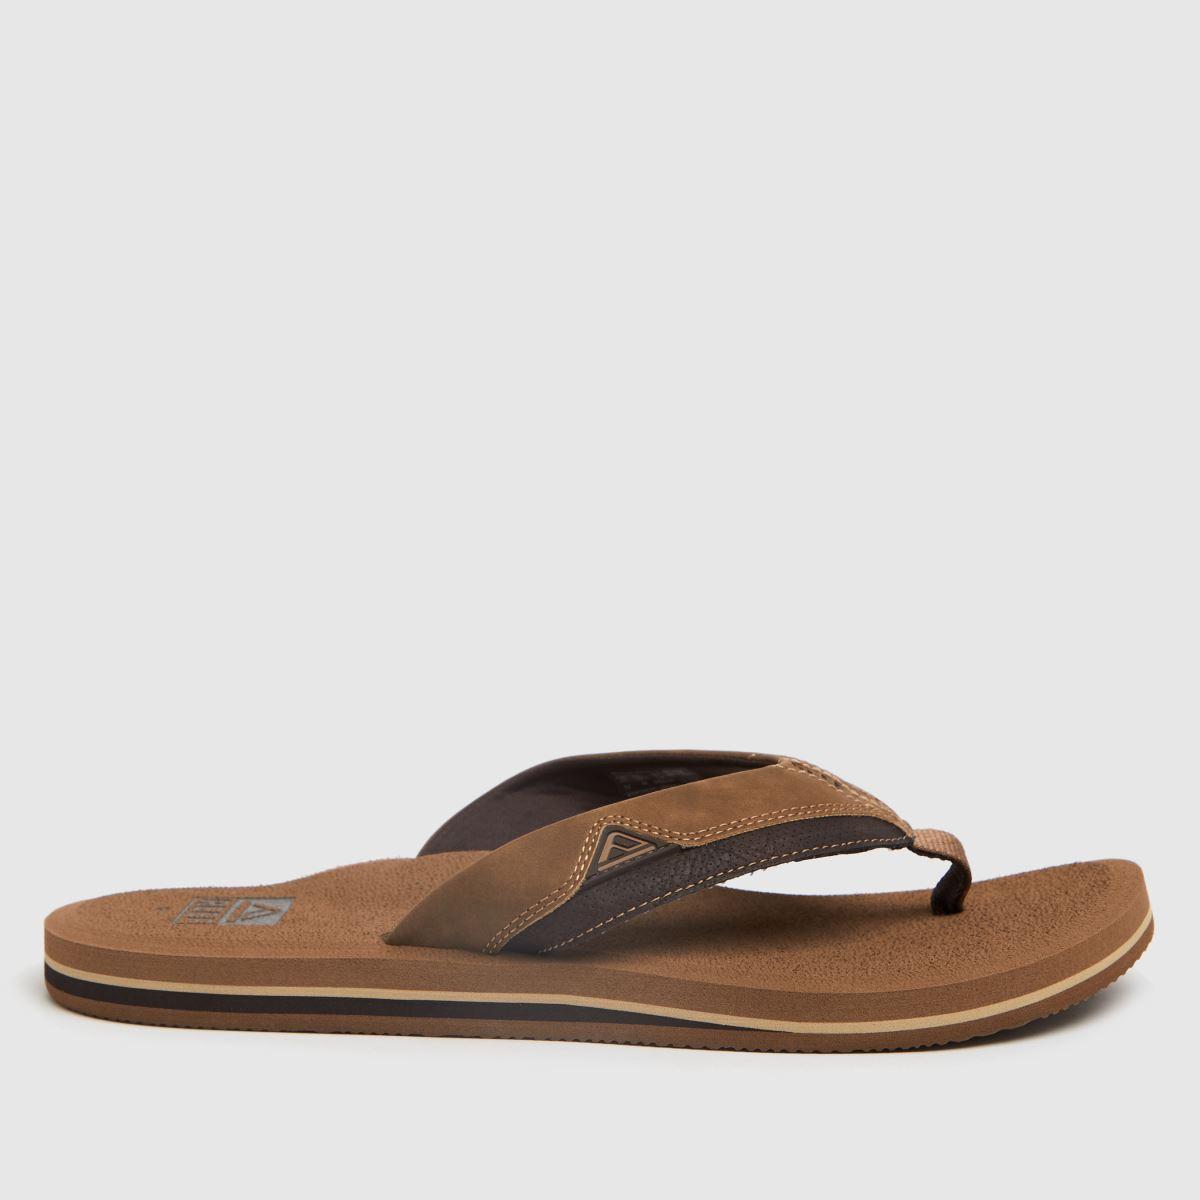 Reef Brown Cushion Dawn Sandals